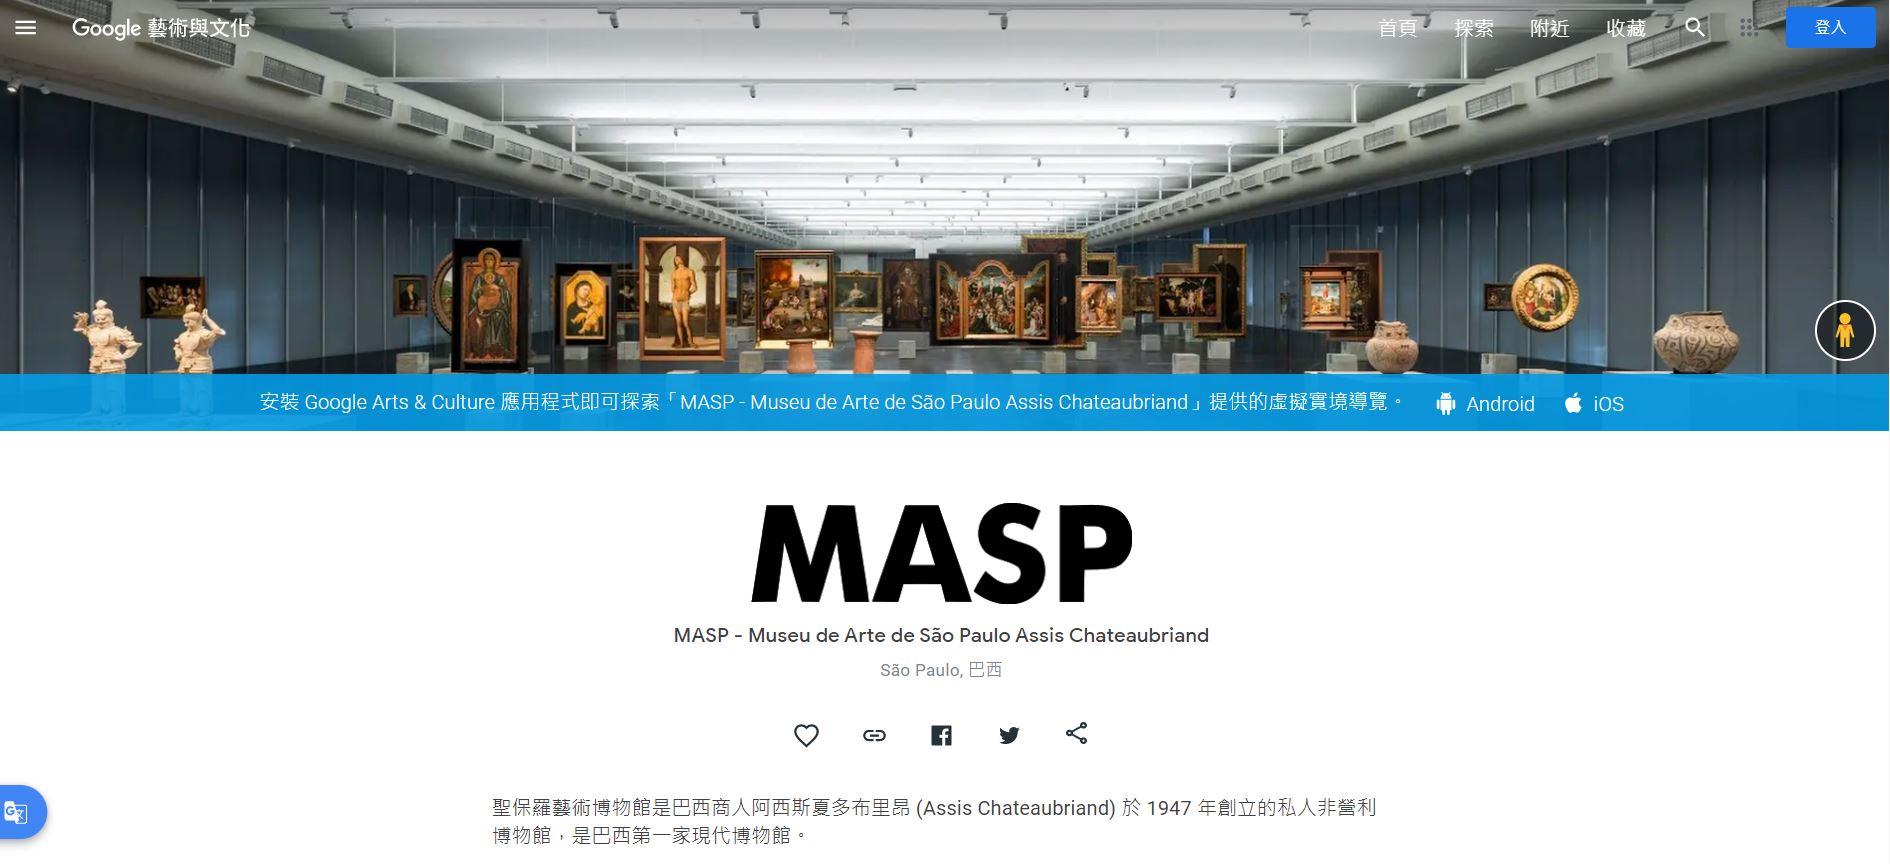 巴西聖保羅藝術博物館,MASP,聖保羅藝術博物館,Google Arts & Culture,Google 藝術與文化,虛擬實境美術館,線上博物館,線上展覽,線上美術館